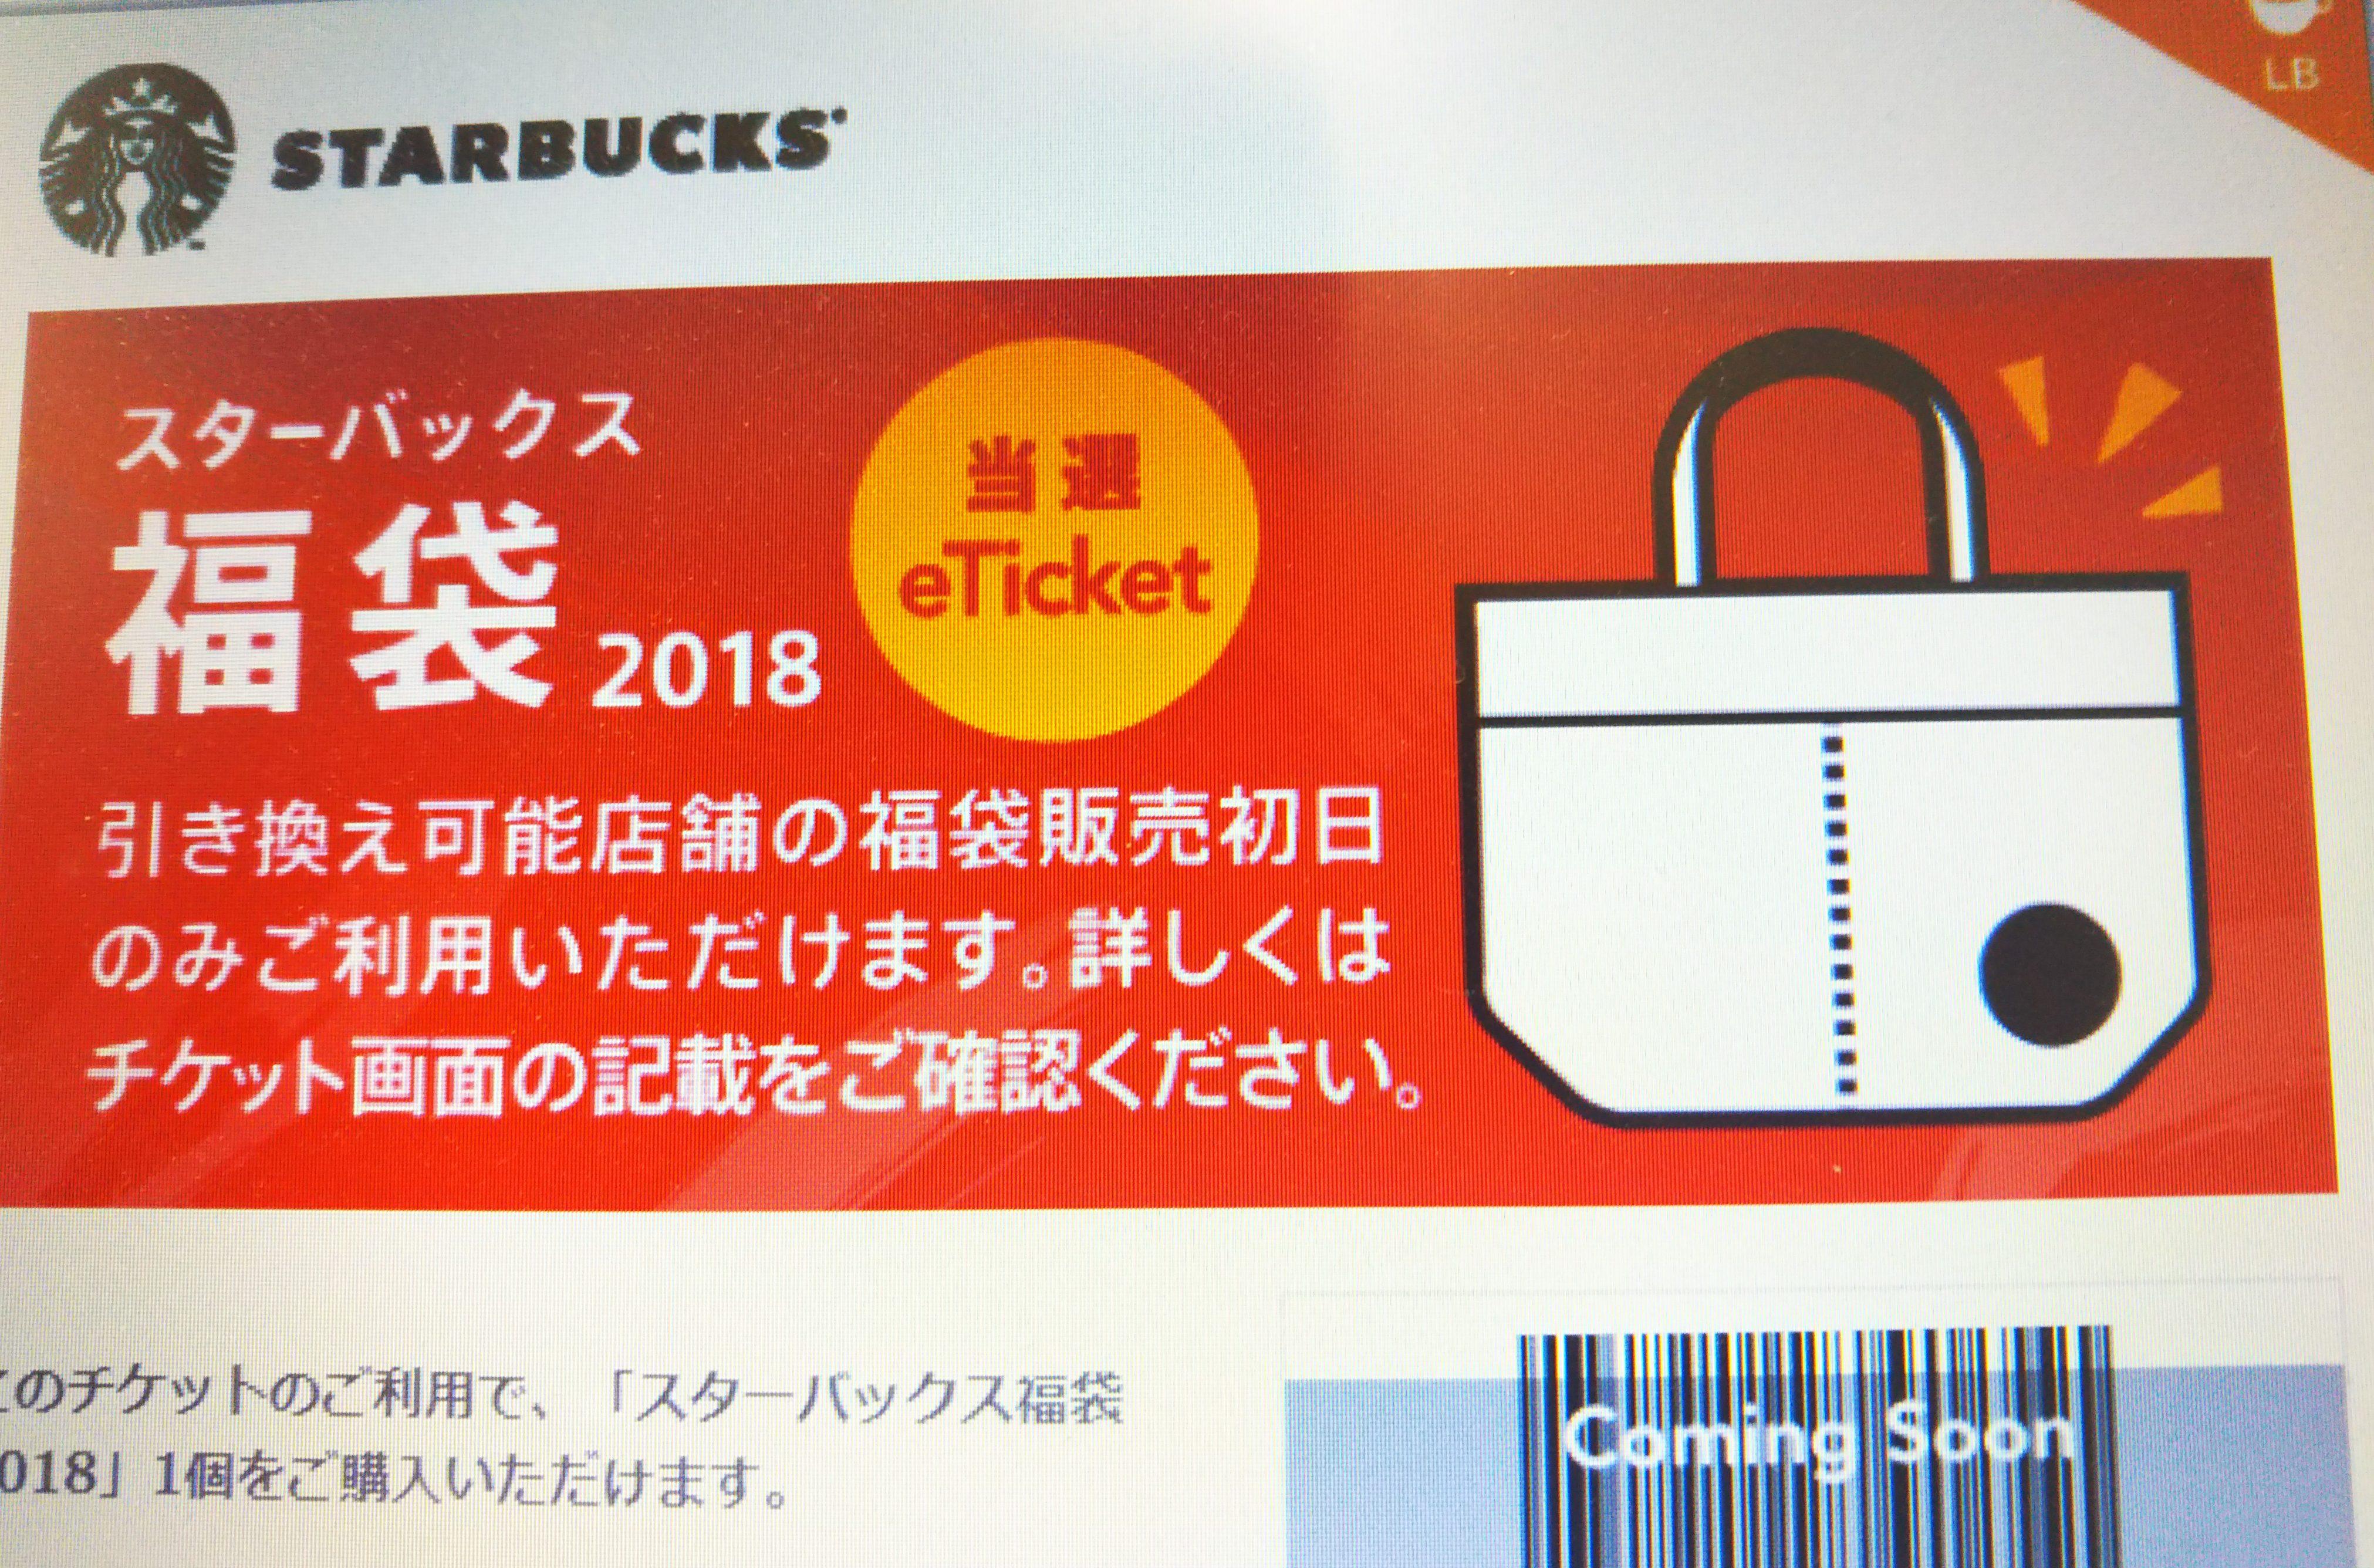 【スタバ福袋2018】抽選販売の福袋が当選しました!!